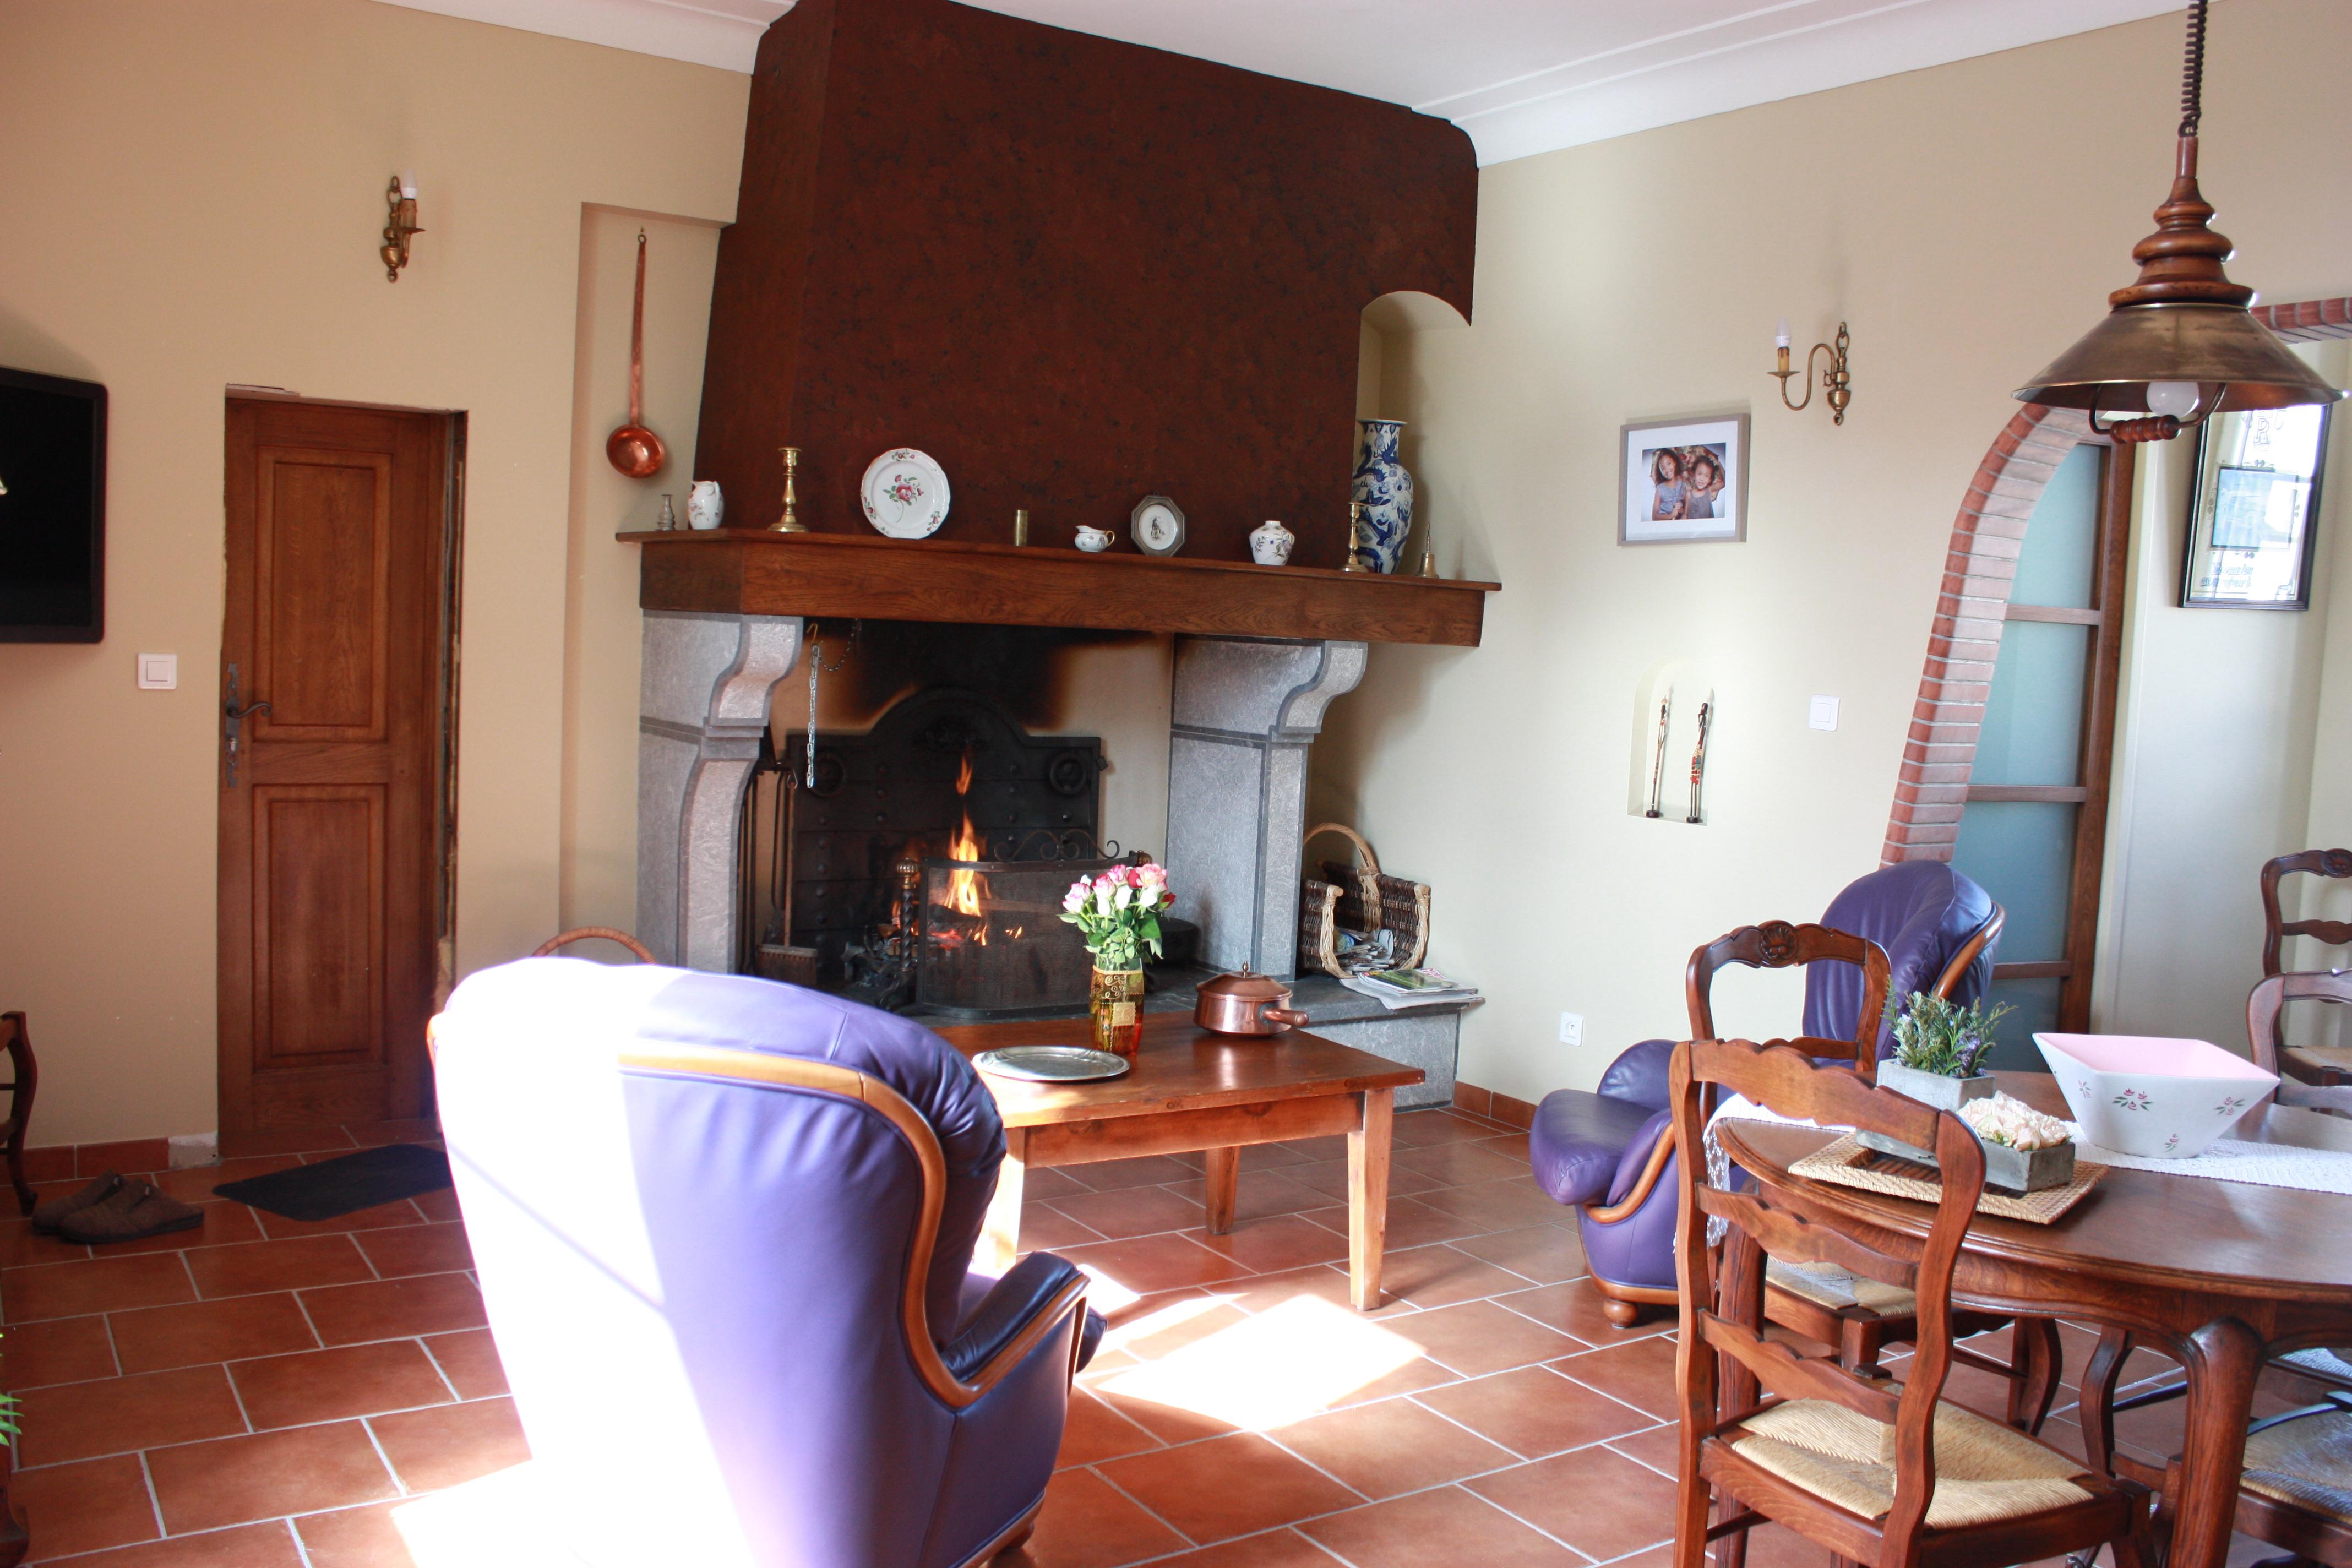 Interieur maison de campagne maison moderne for Interieur maison de campagne